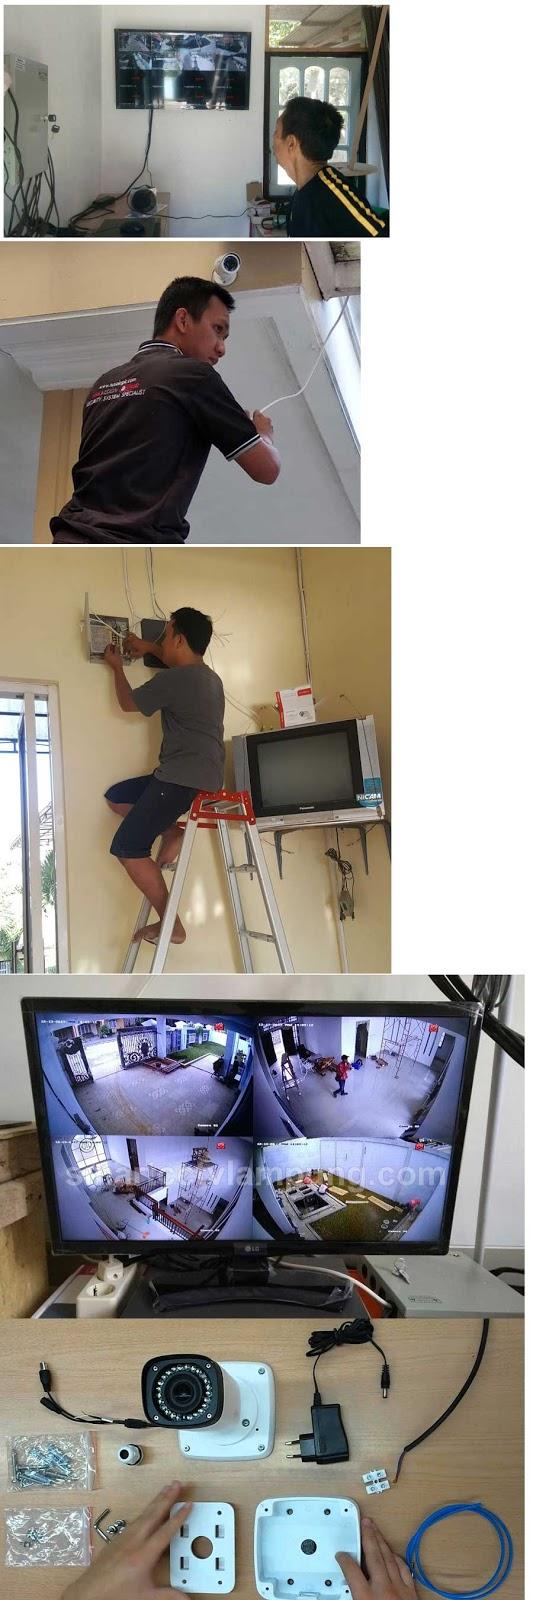 instal cctv